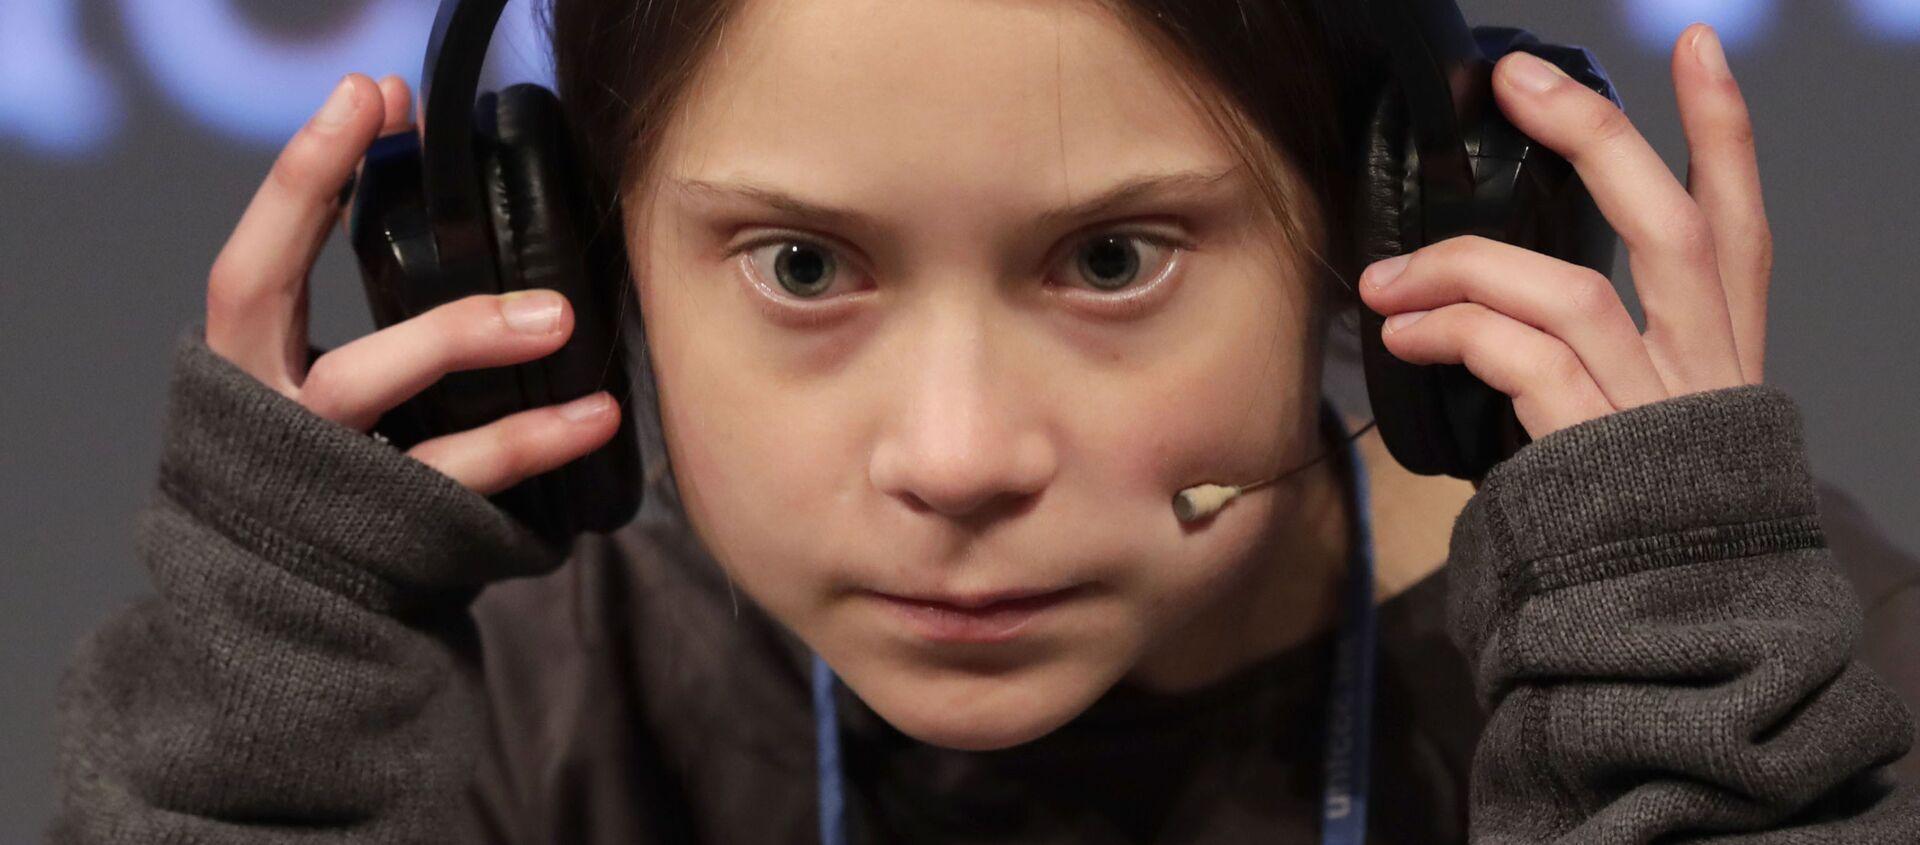 Attivista Greta Thunberg alla conferenza di Madrid Cop25 - Sputnik Italia, 1920, 27.01.2020